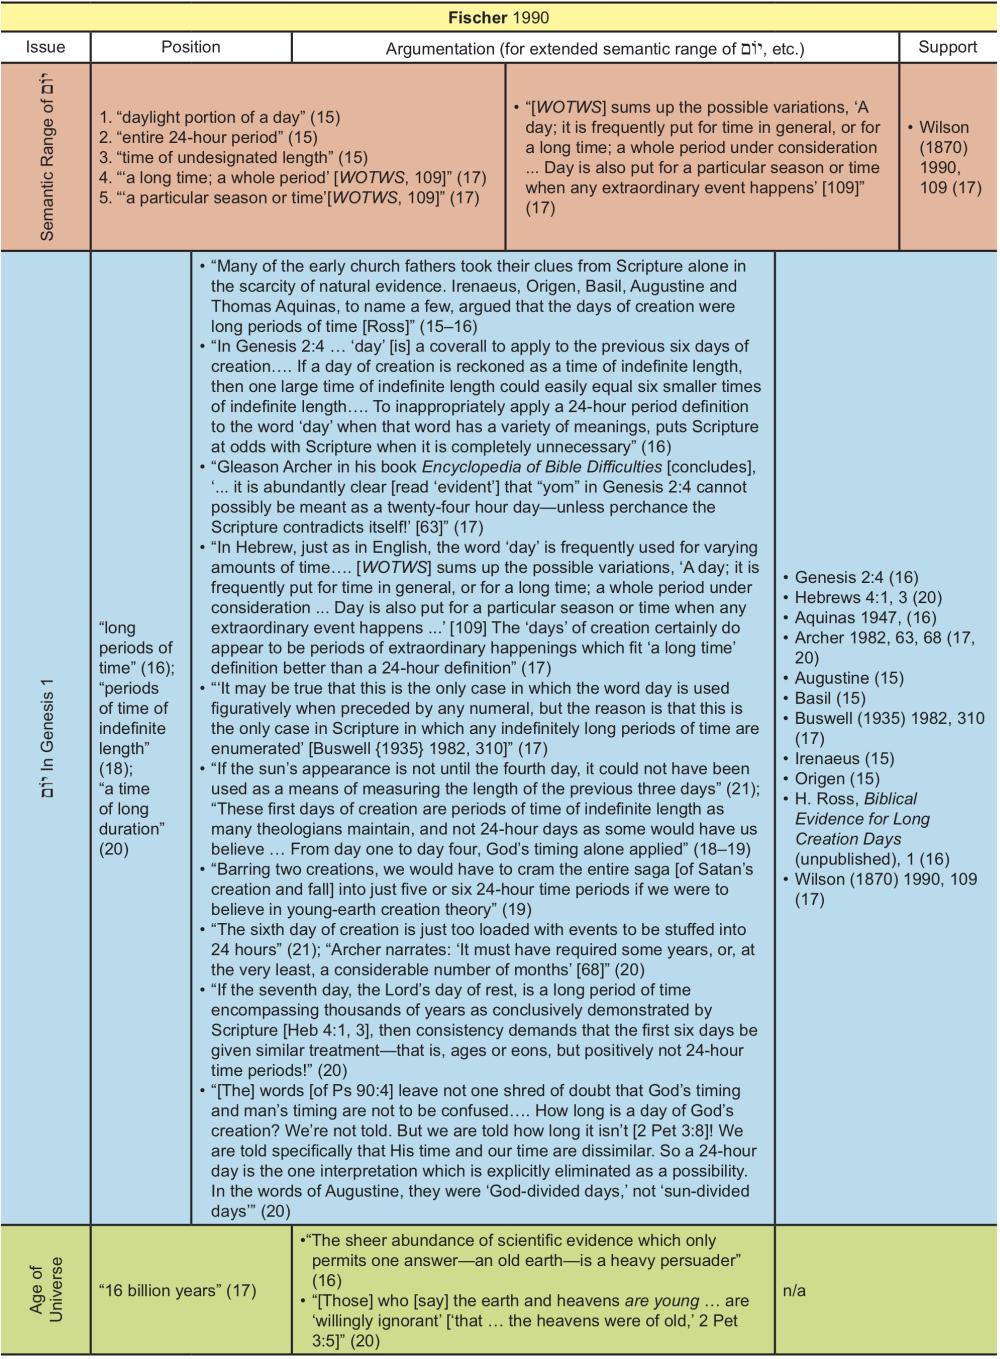 Appendix Table 12